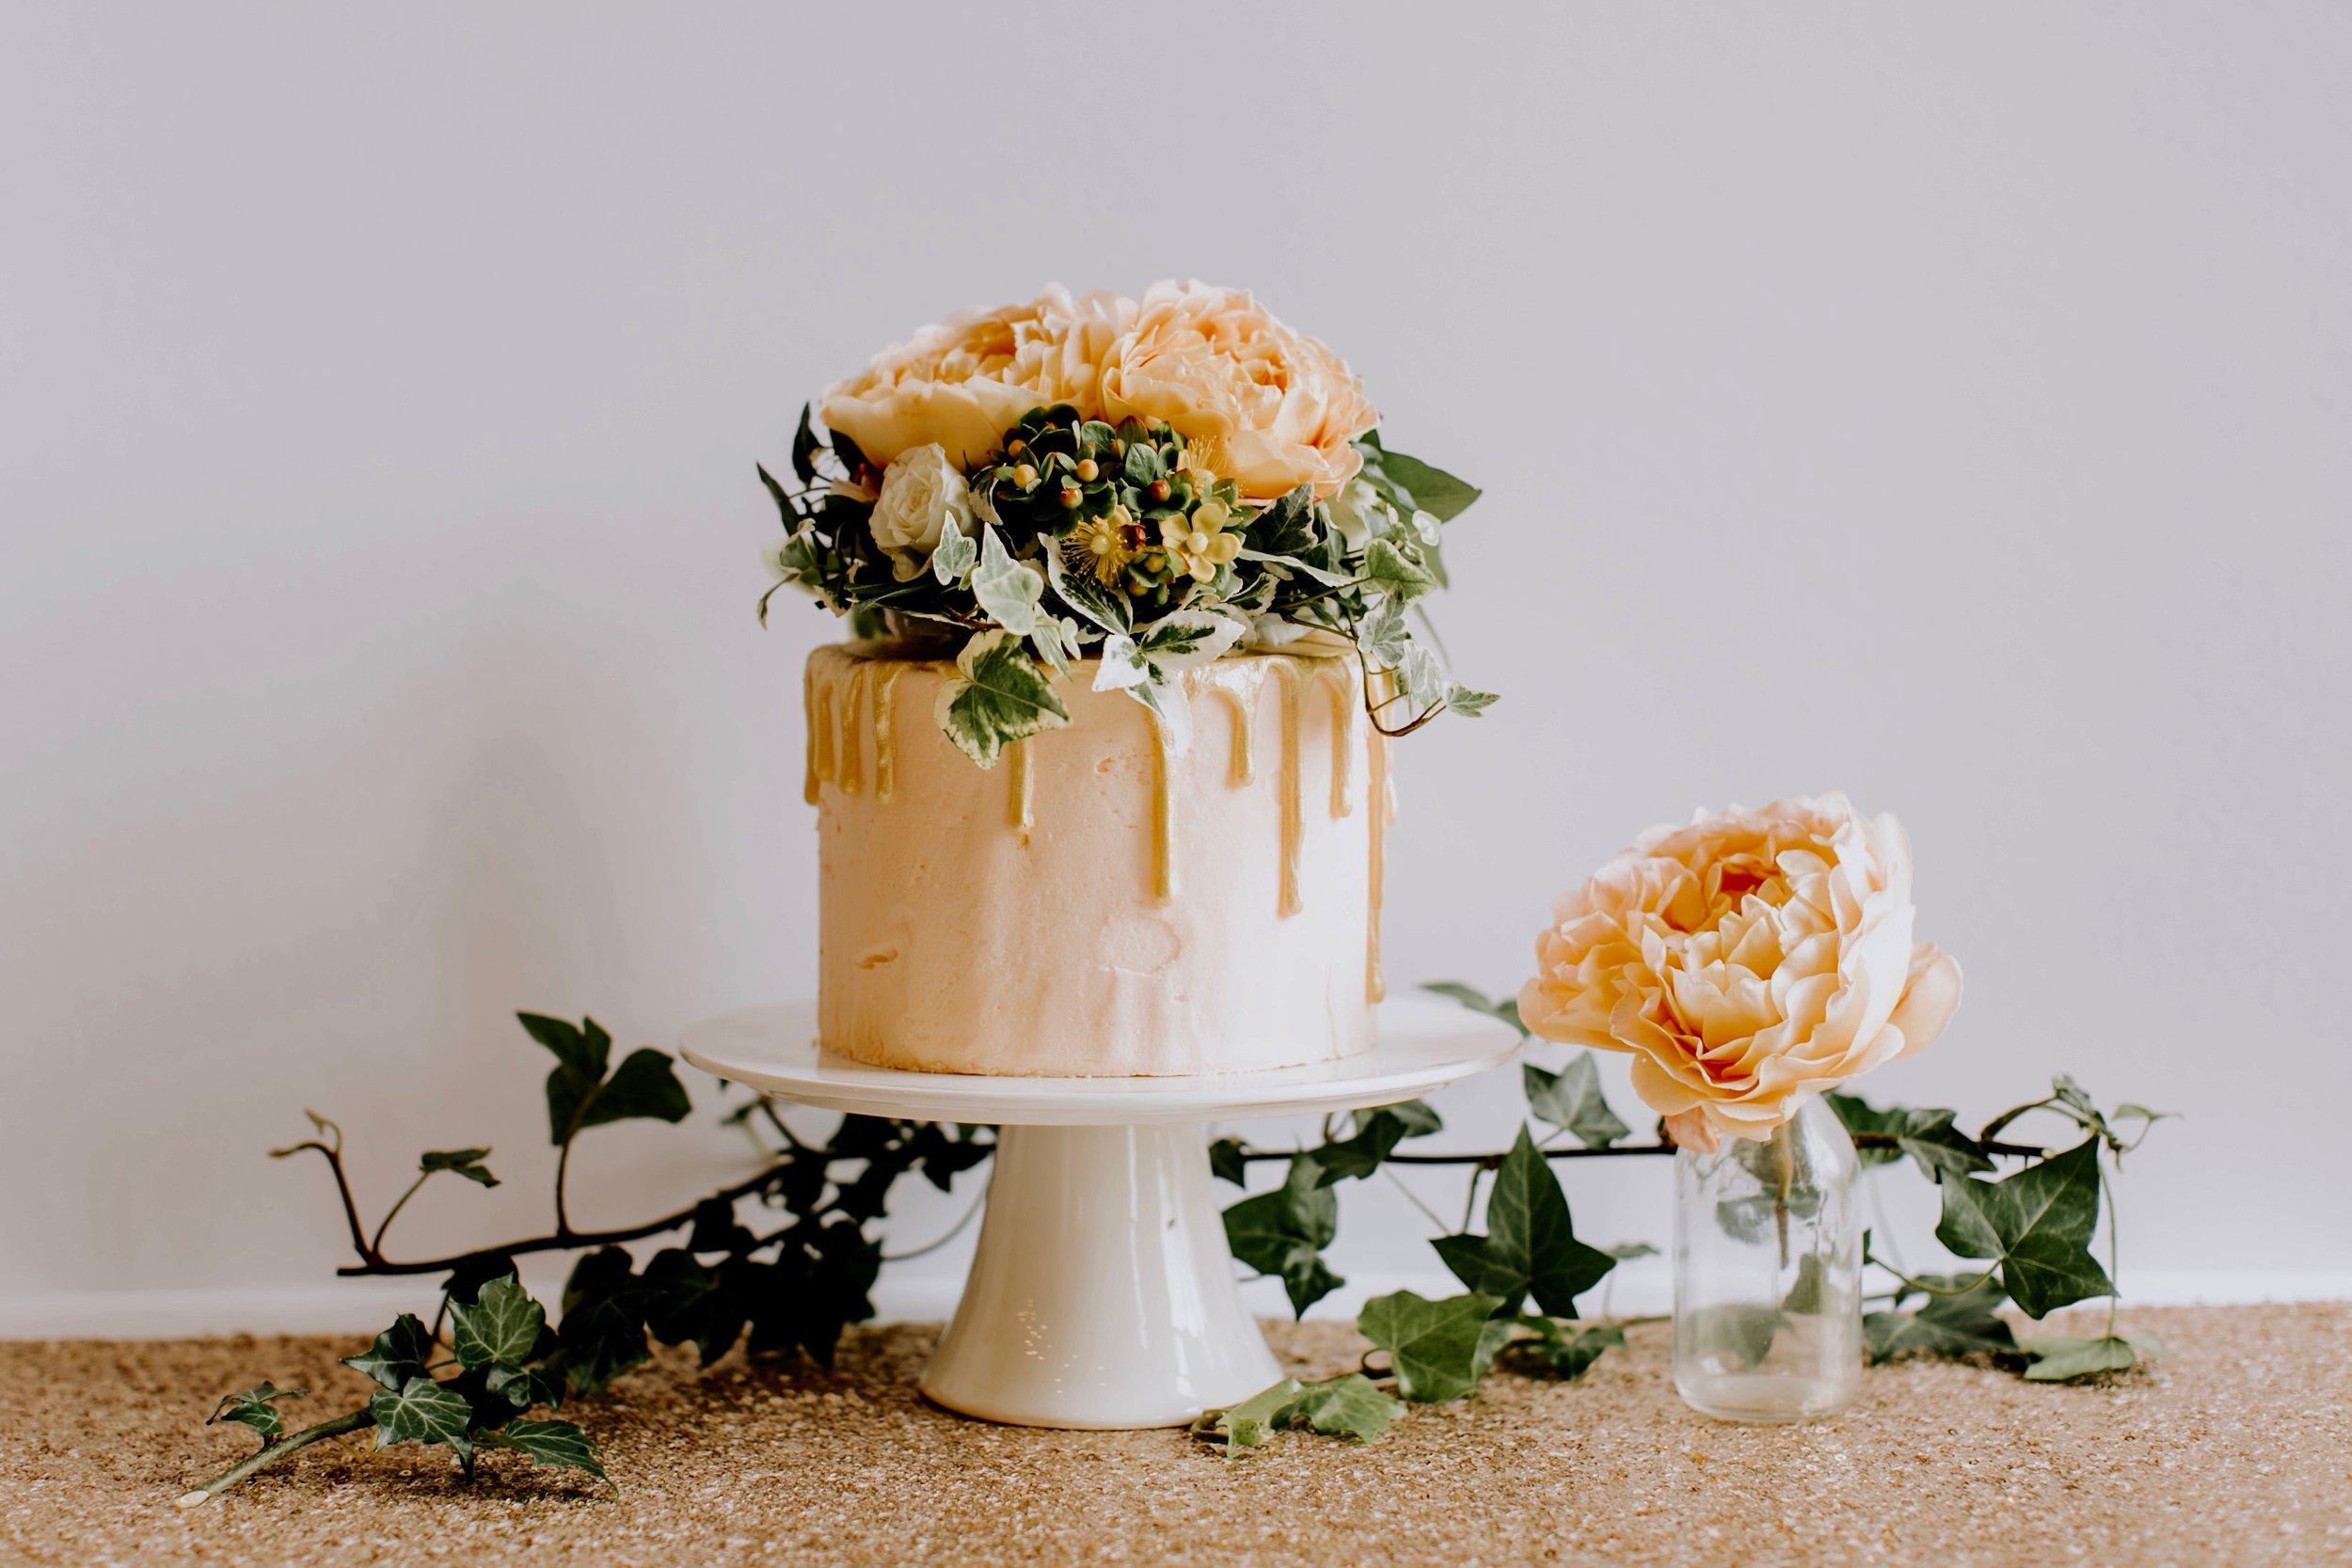 Sophia rose - CAKES & DESSERTS